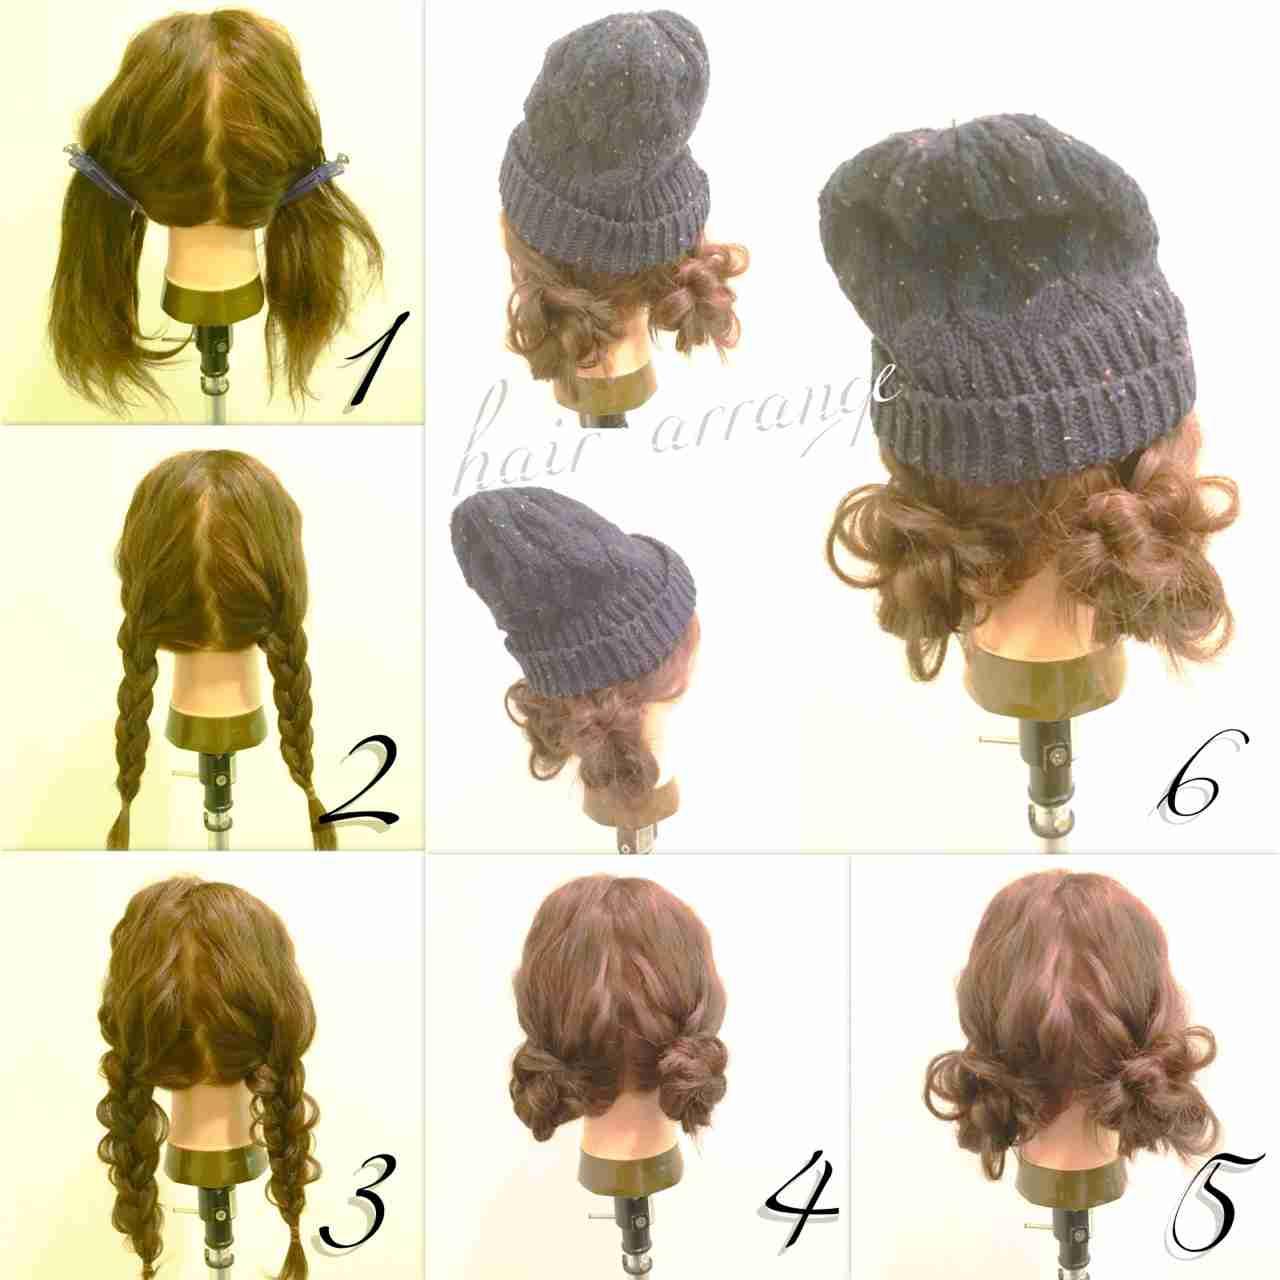 仕事帽子を被る時のまとめ髪教えてください!